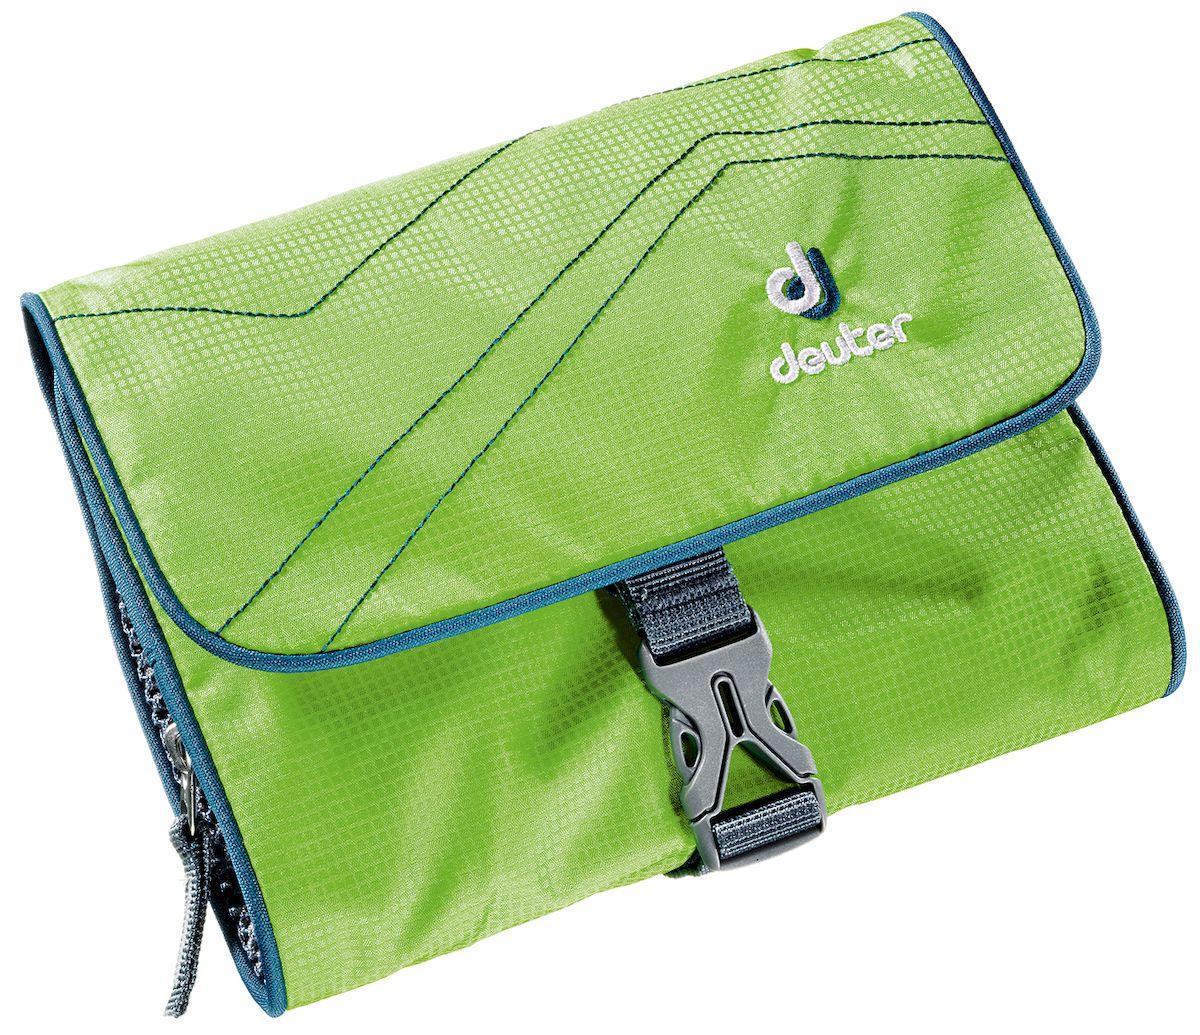 Косметичка Deuter Wash Bag I Kiwi-Arctic, цвет: светло-зеленый. 39414